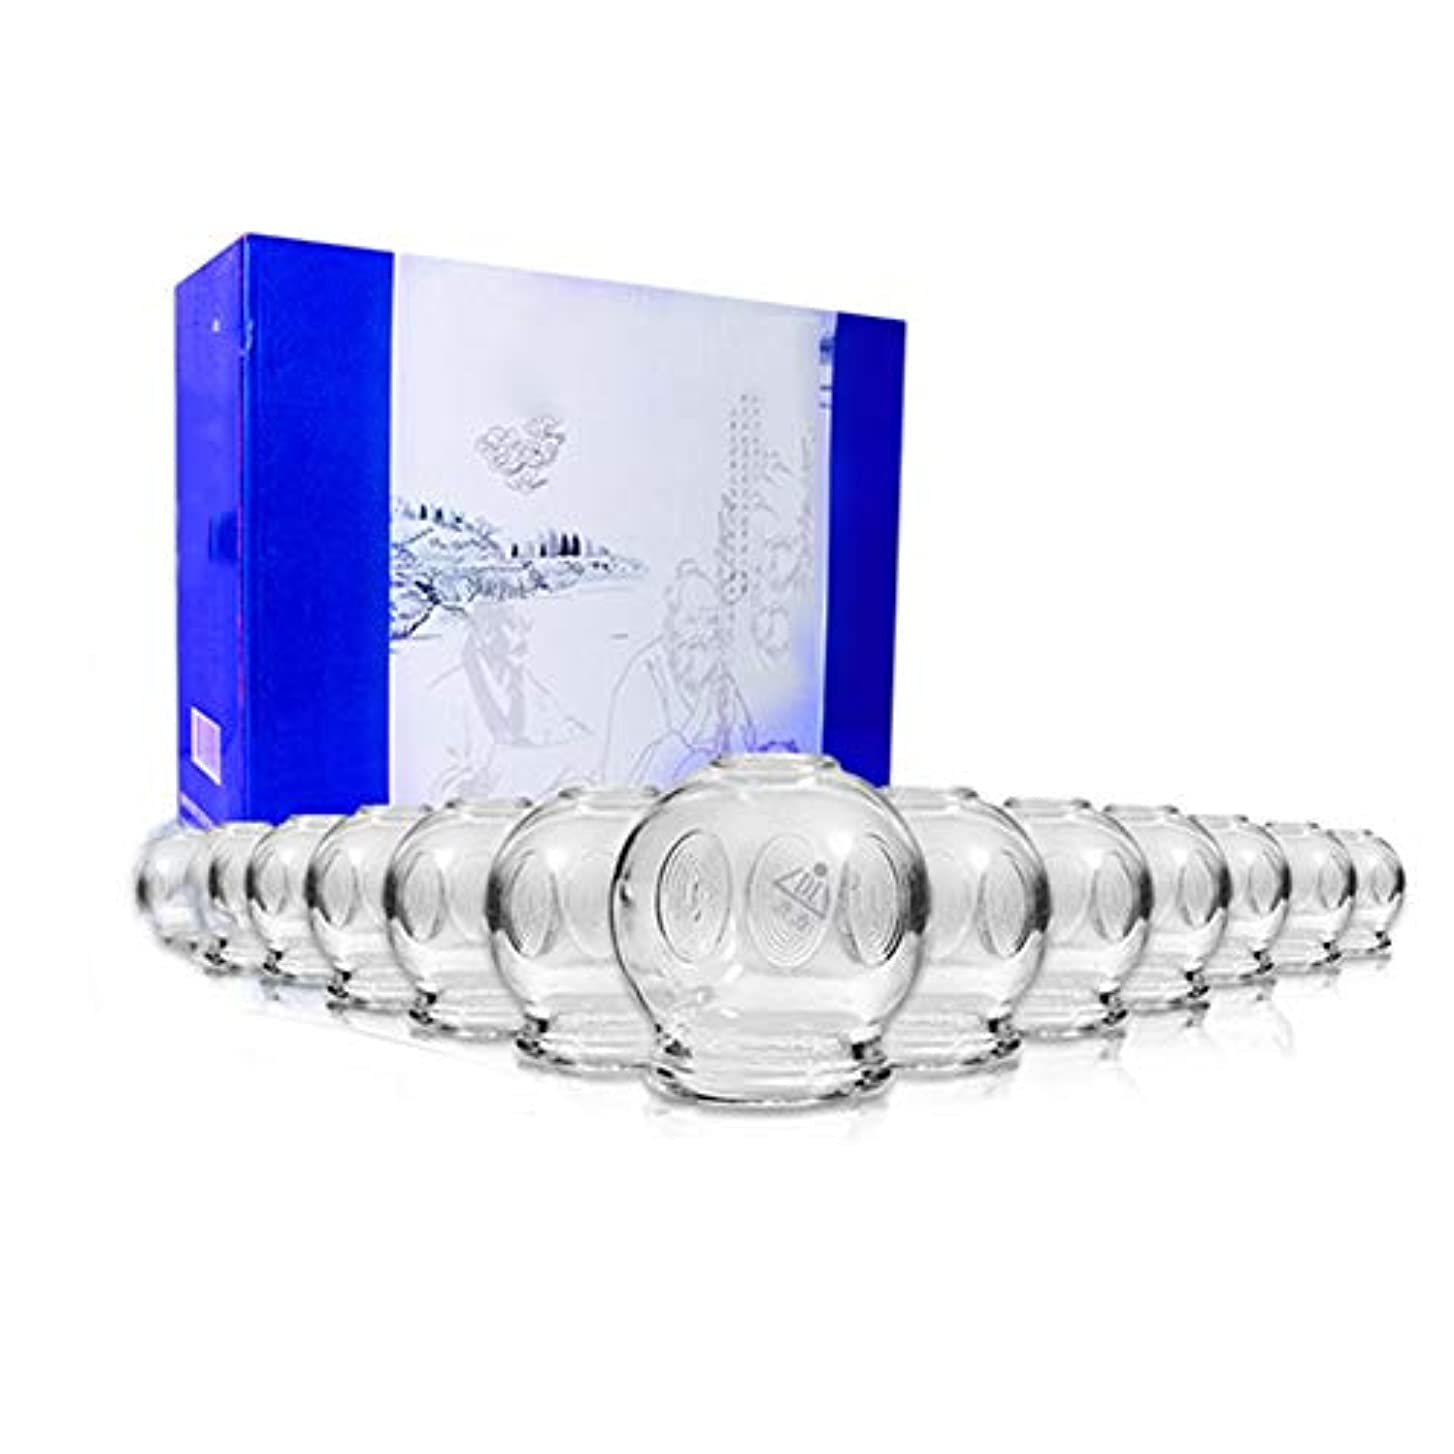 気分が良いなんでも散らすカッピングで吸引エステガラス製カッピングセット真空カッピング16缶厚くて耐久性があり、家庭で筋肉疲労を和らげるのに適しています。